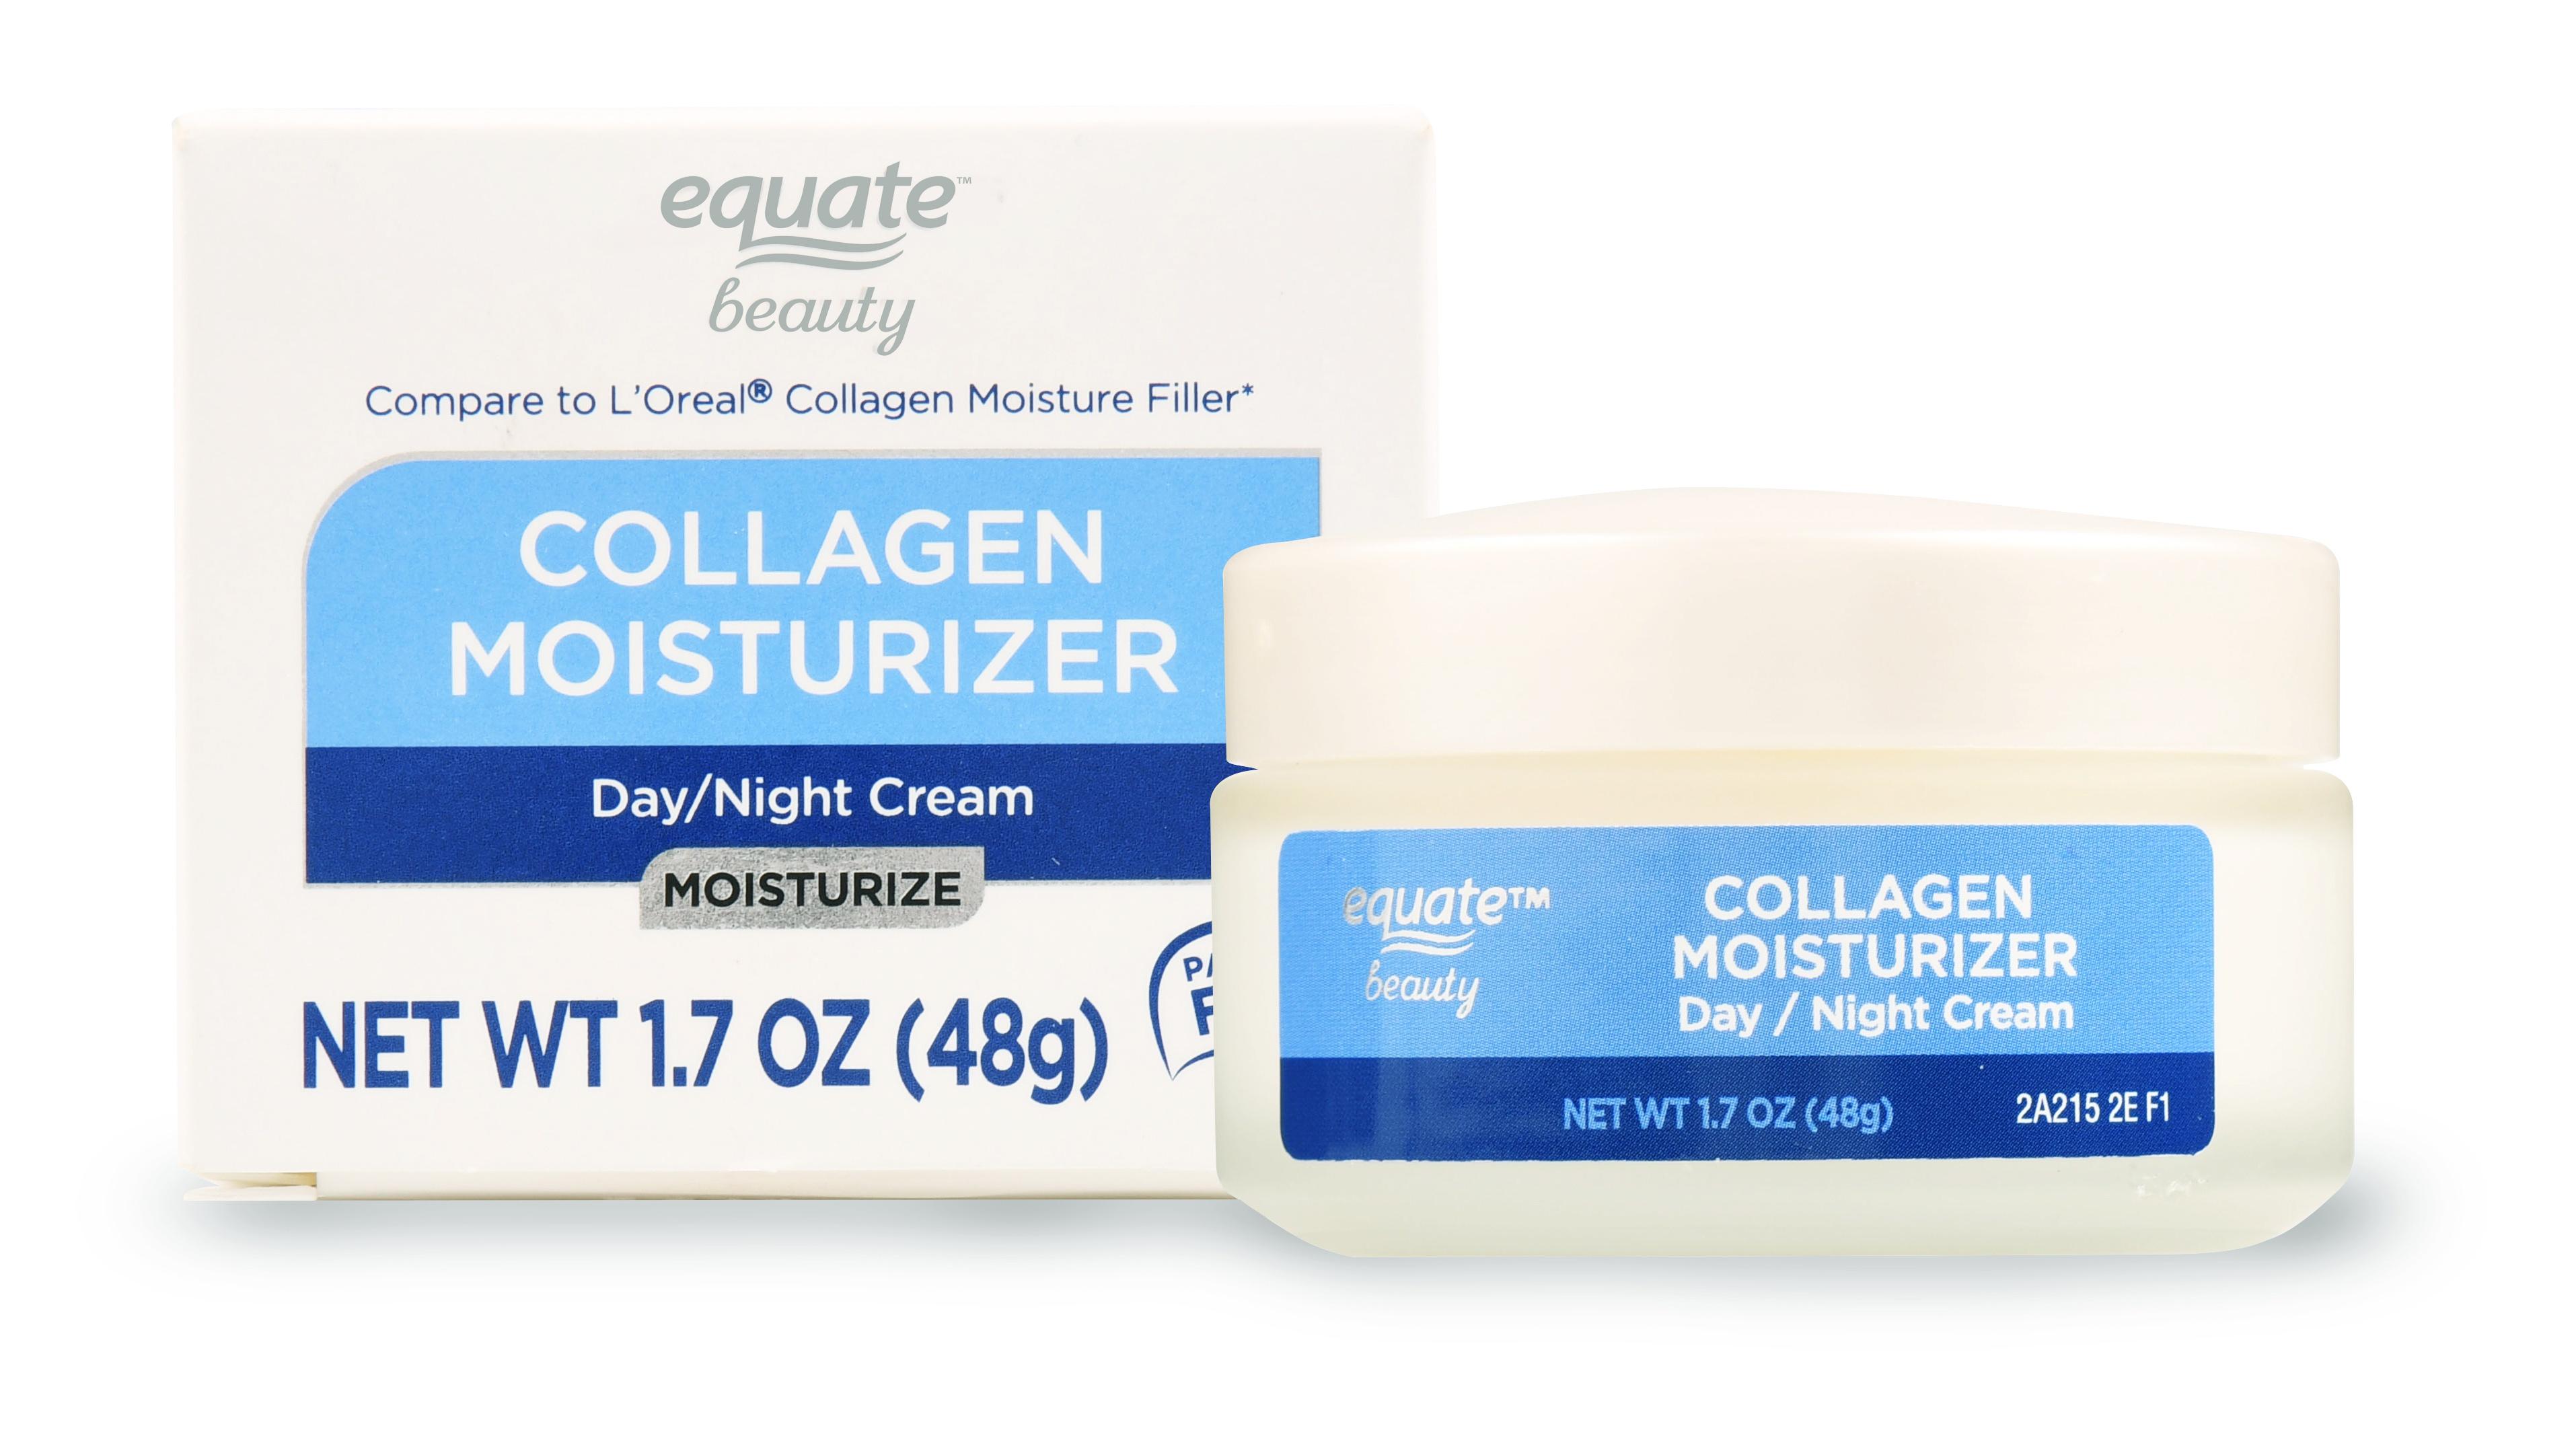 Equate Collagen Moisturizer Day/Night Cream